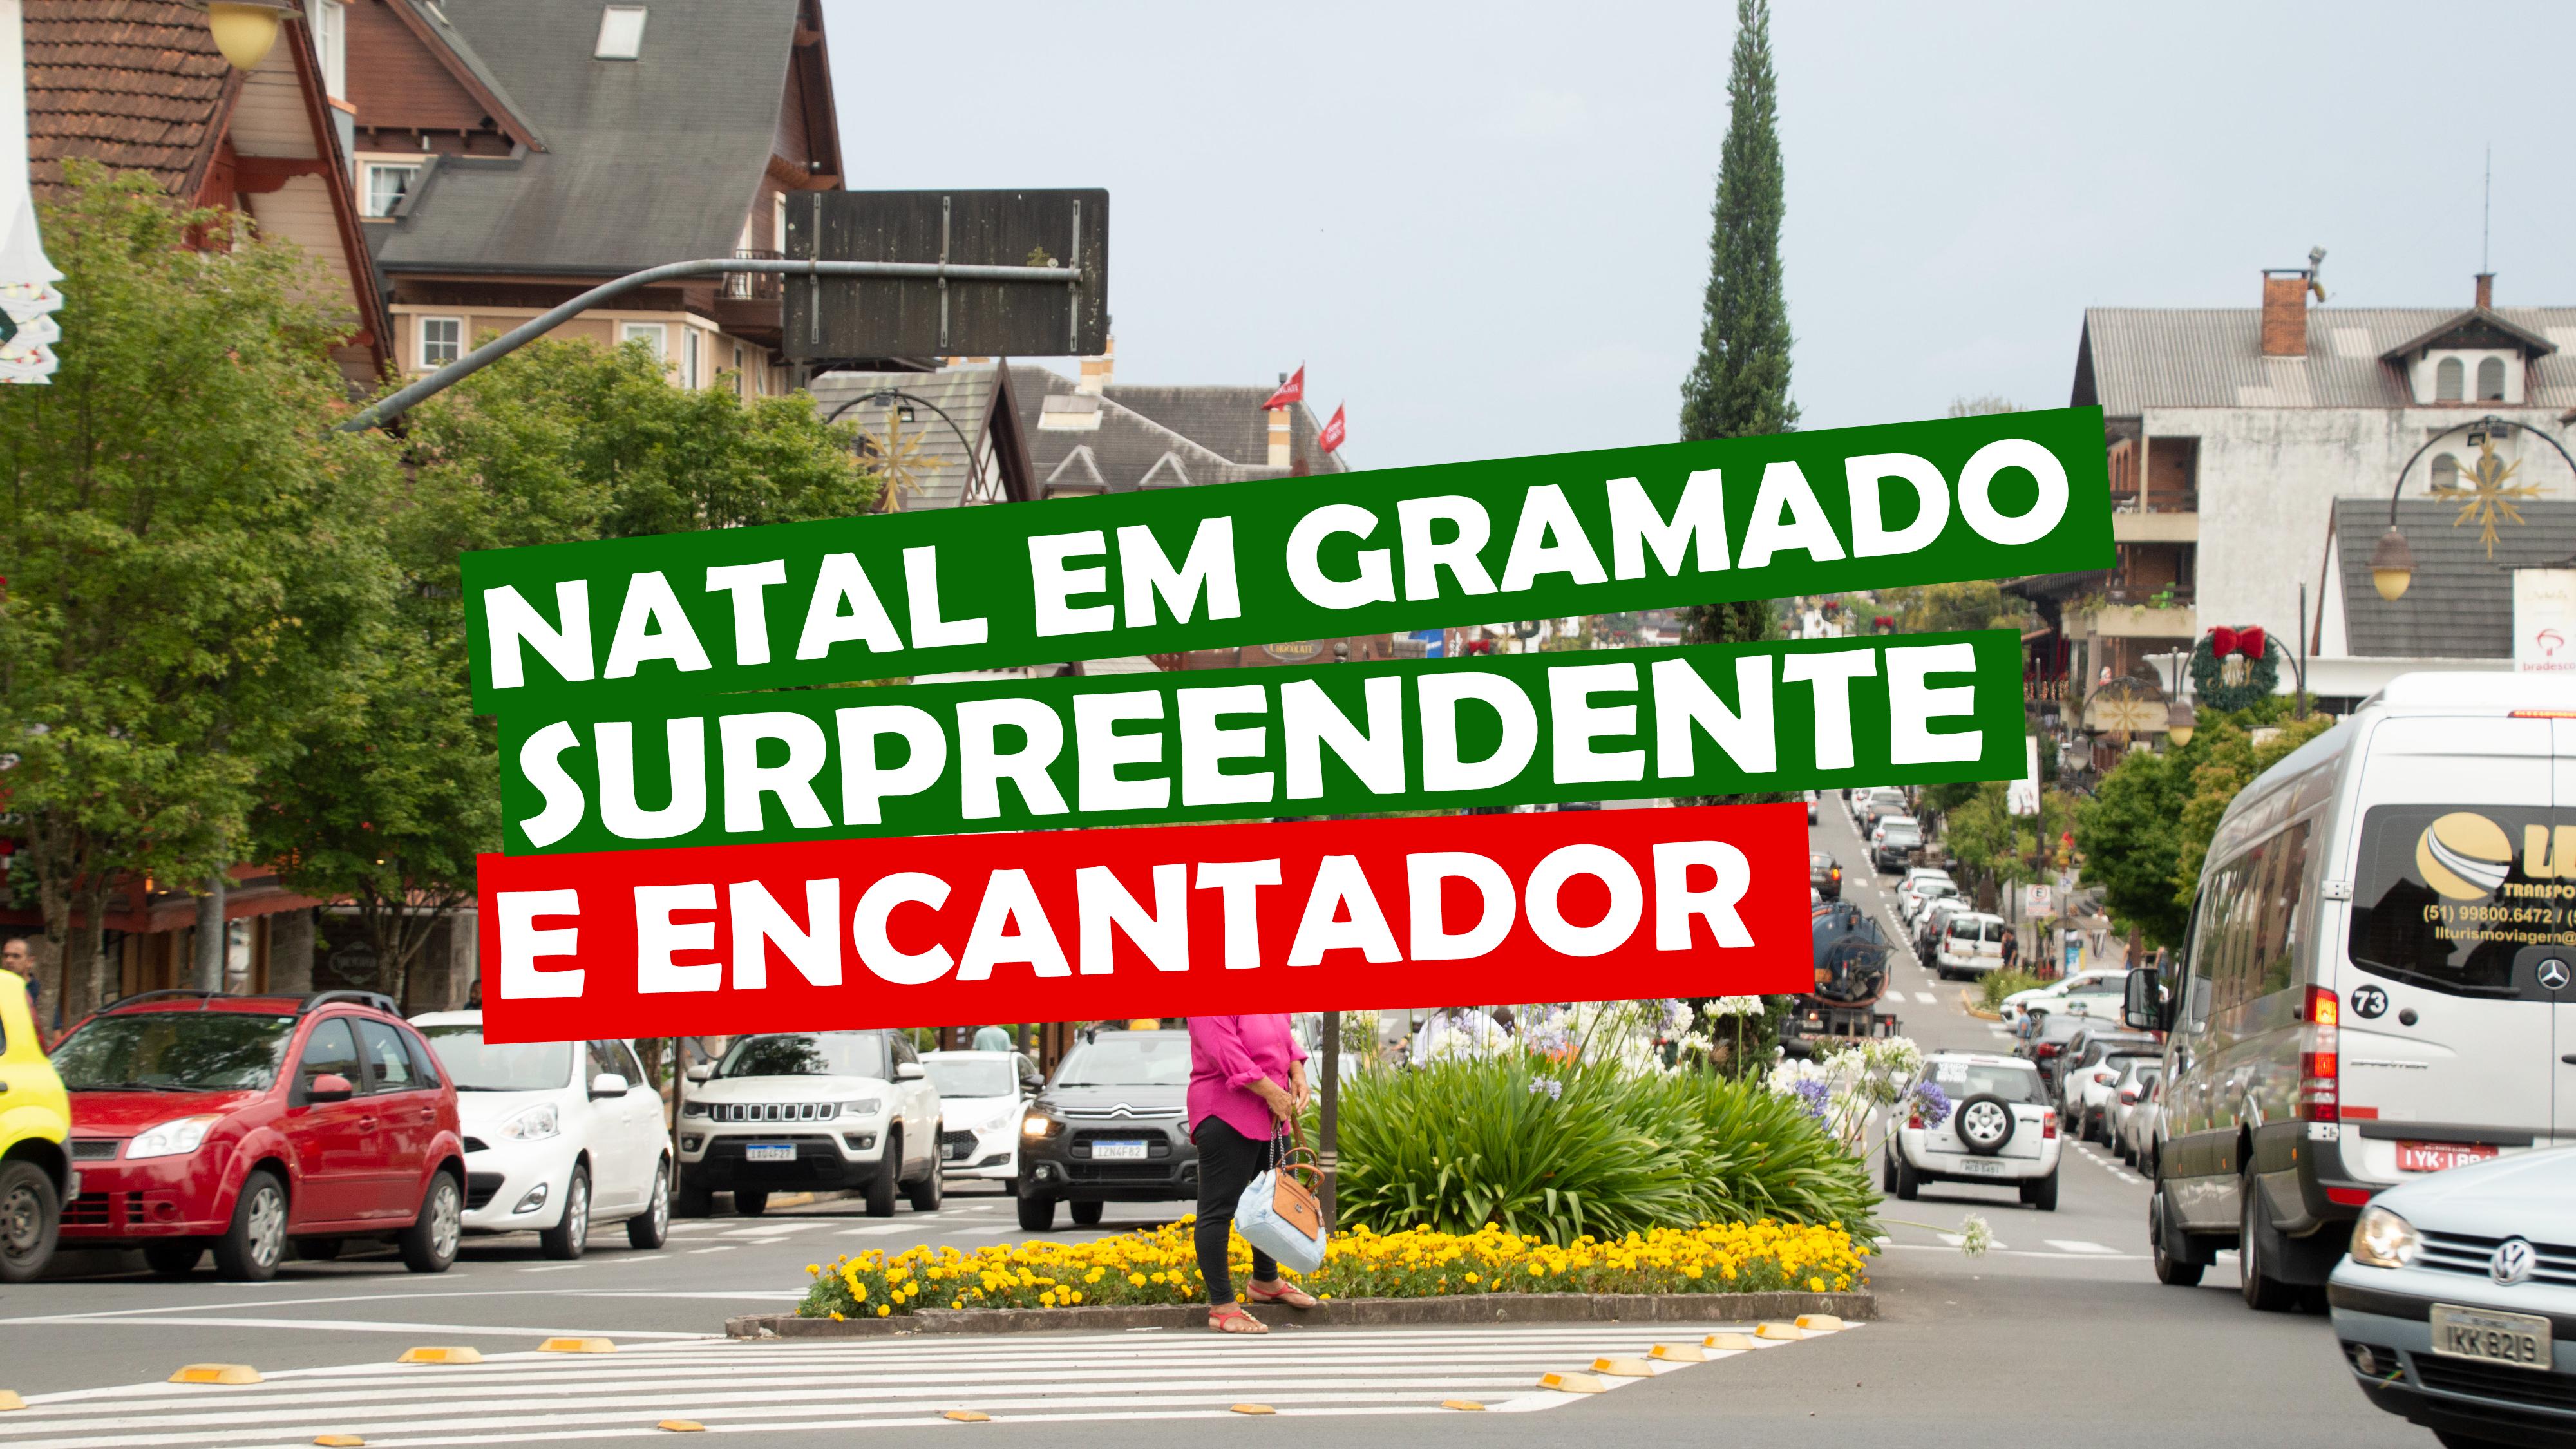 You are currently viewing Natal em Gramado, surpreendente e encantador